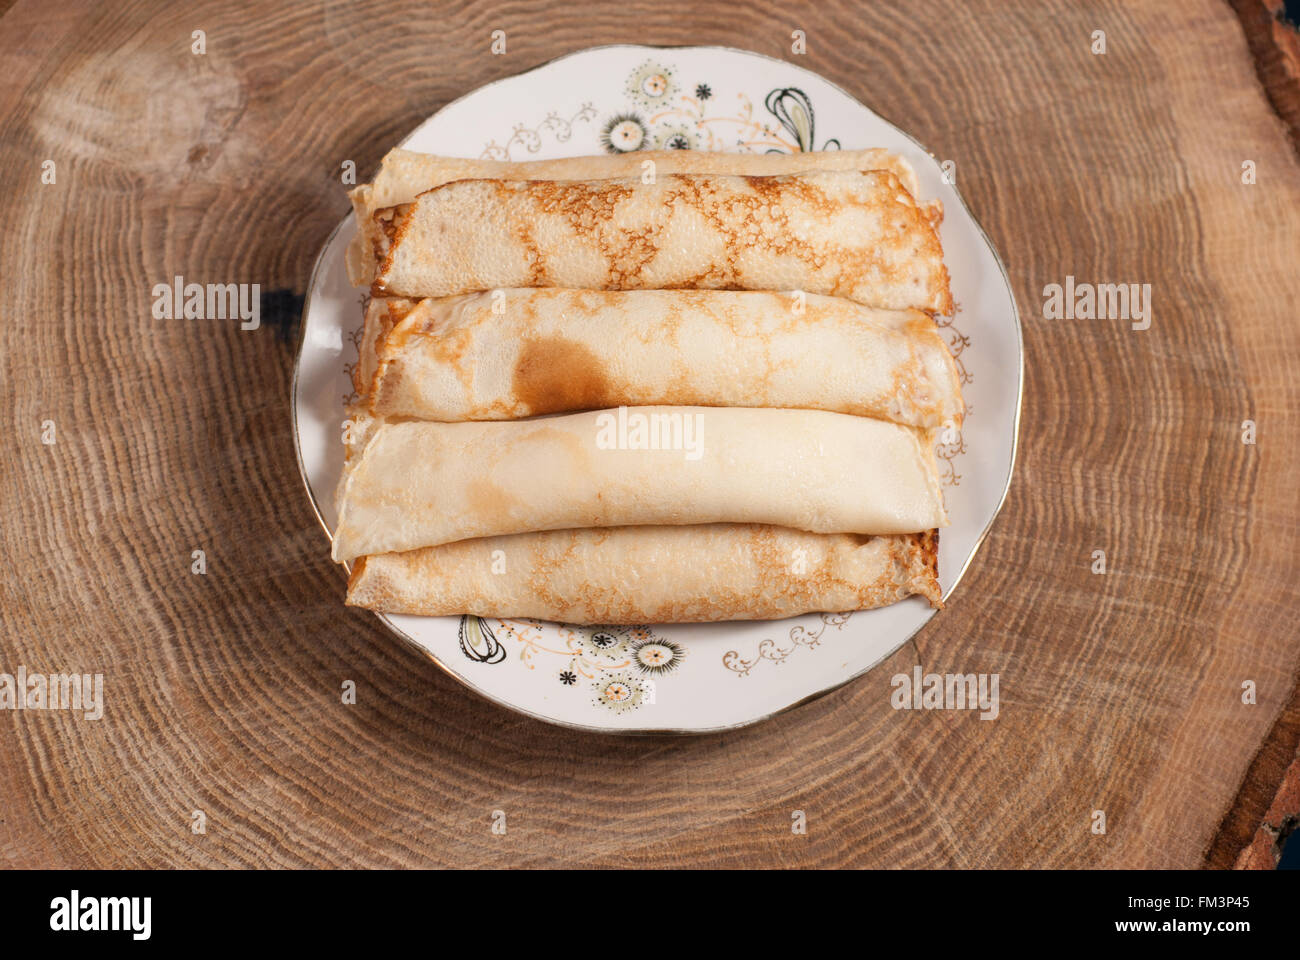 Des crêpes avec du fromage cottage sur table en bois Photo Stock